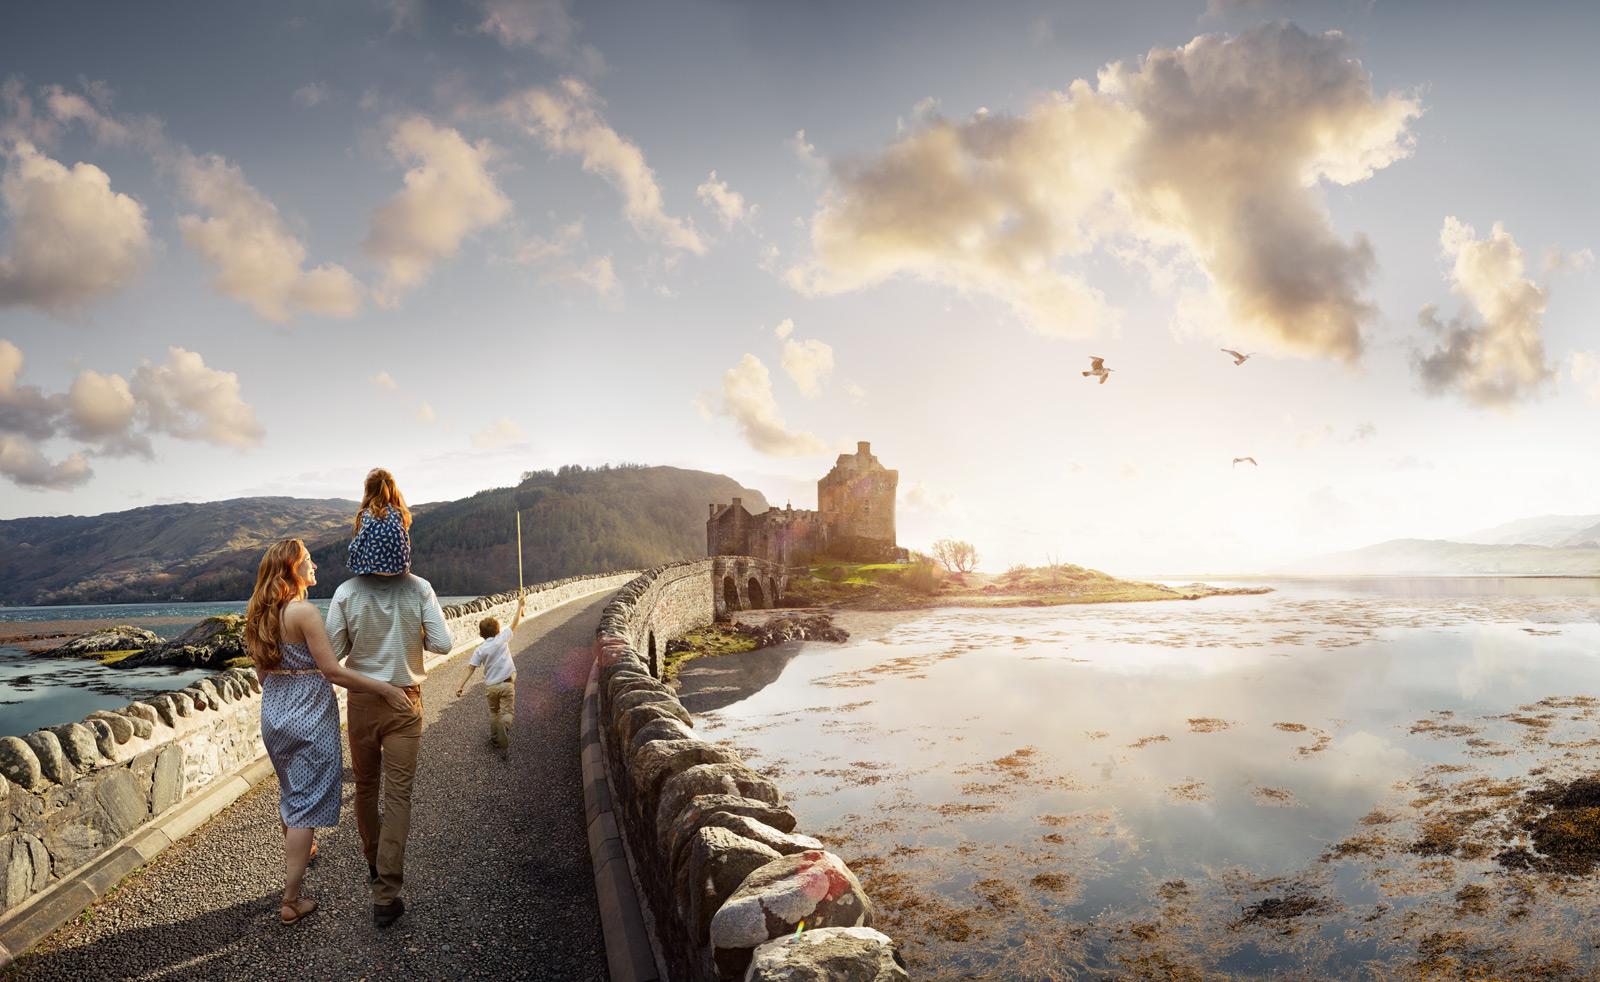 21.ScotlandLifestyle_Castle_v1_FINAL_NoiseinSkyMasks.jpg